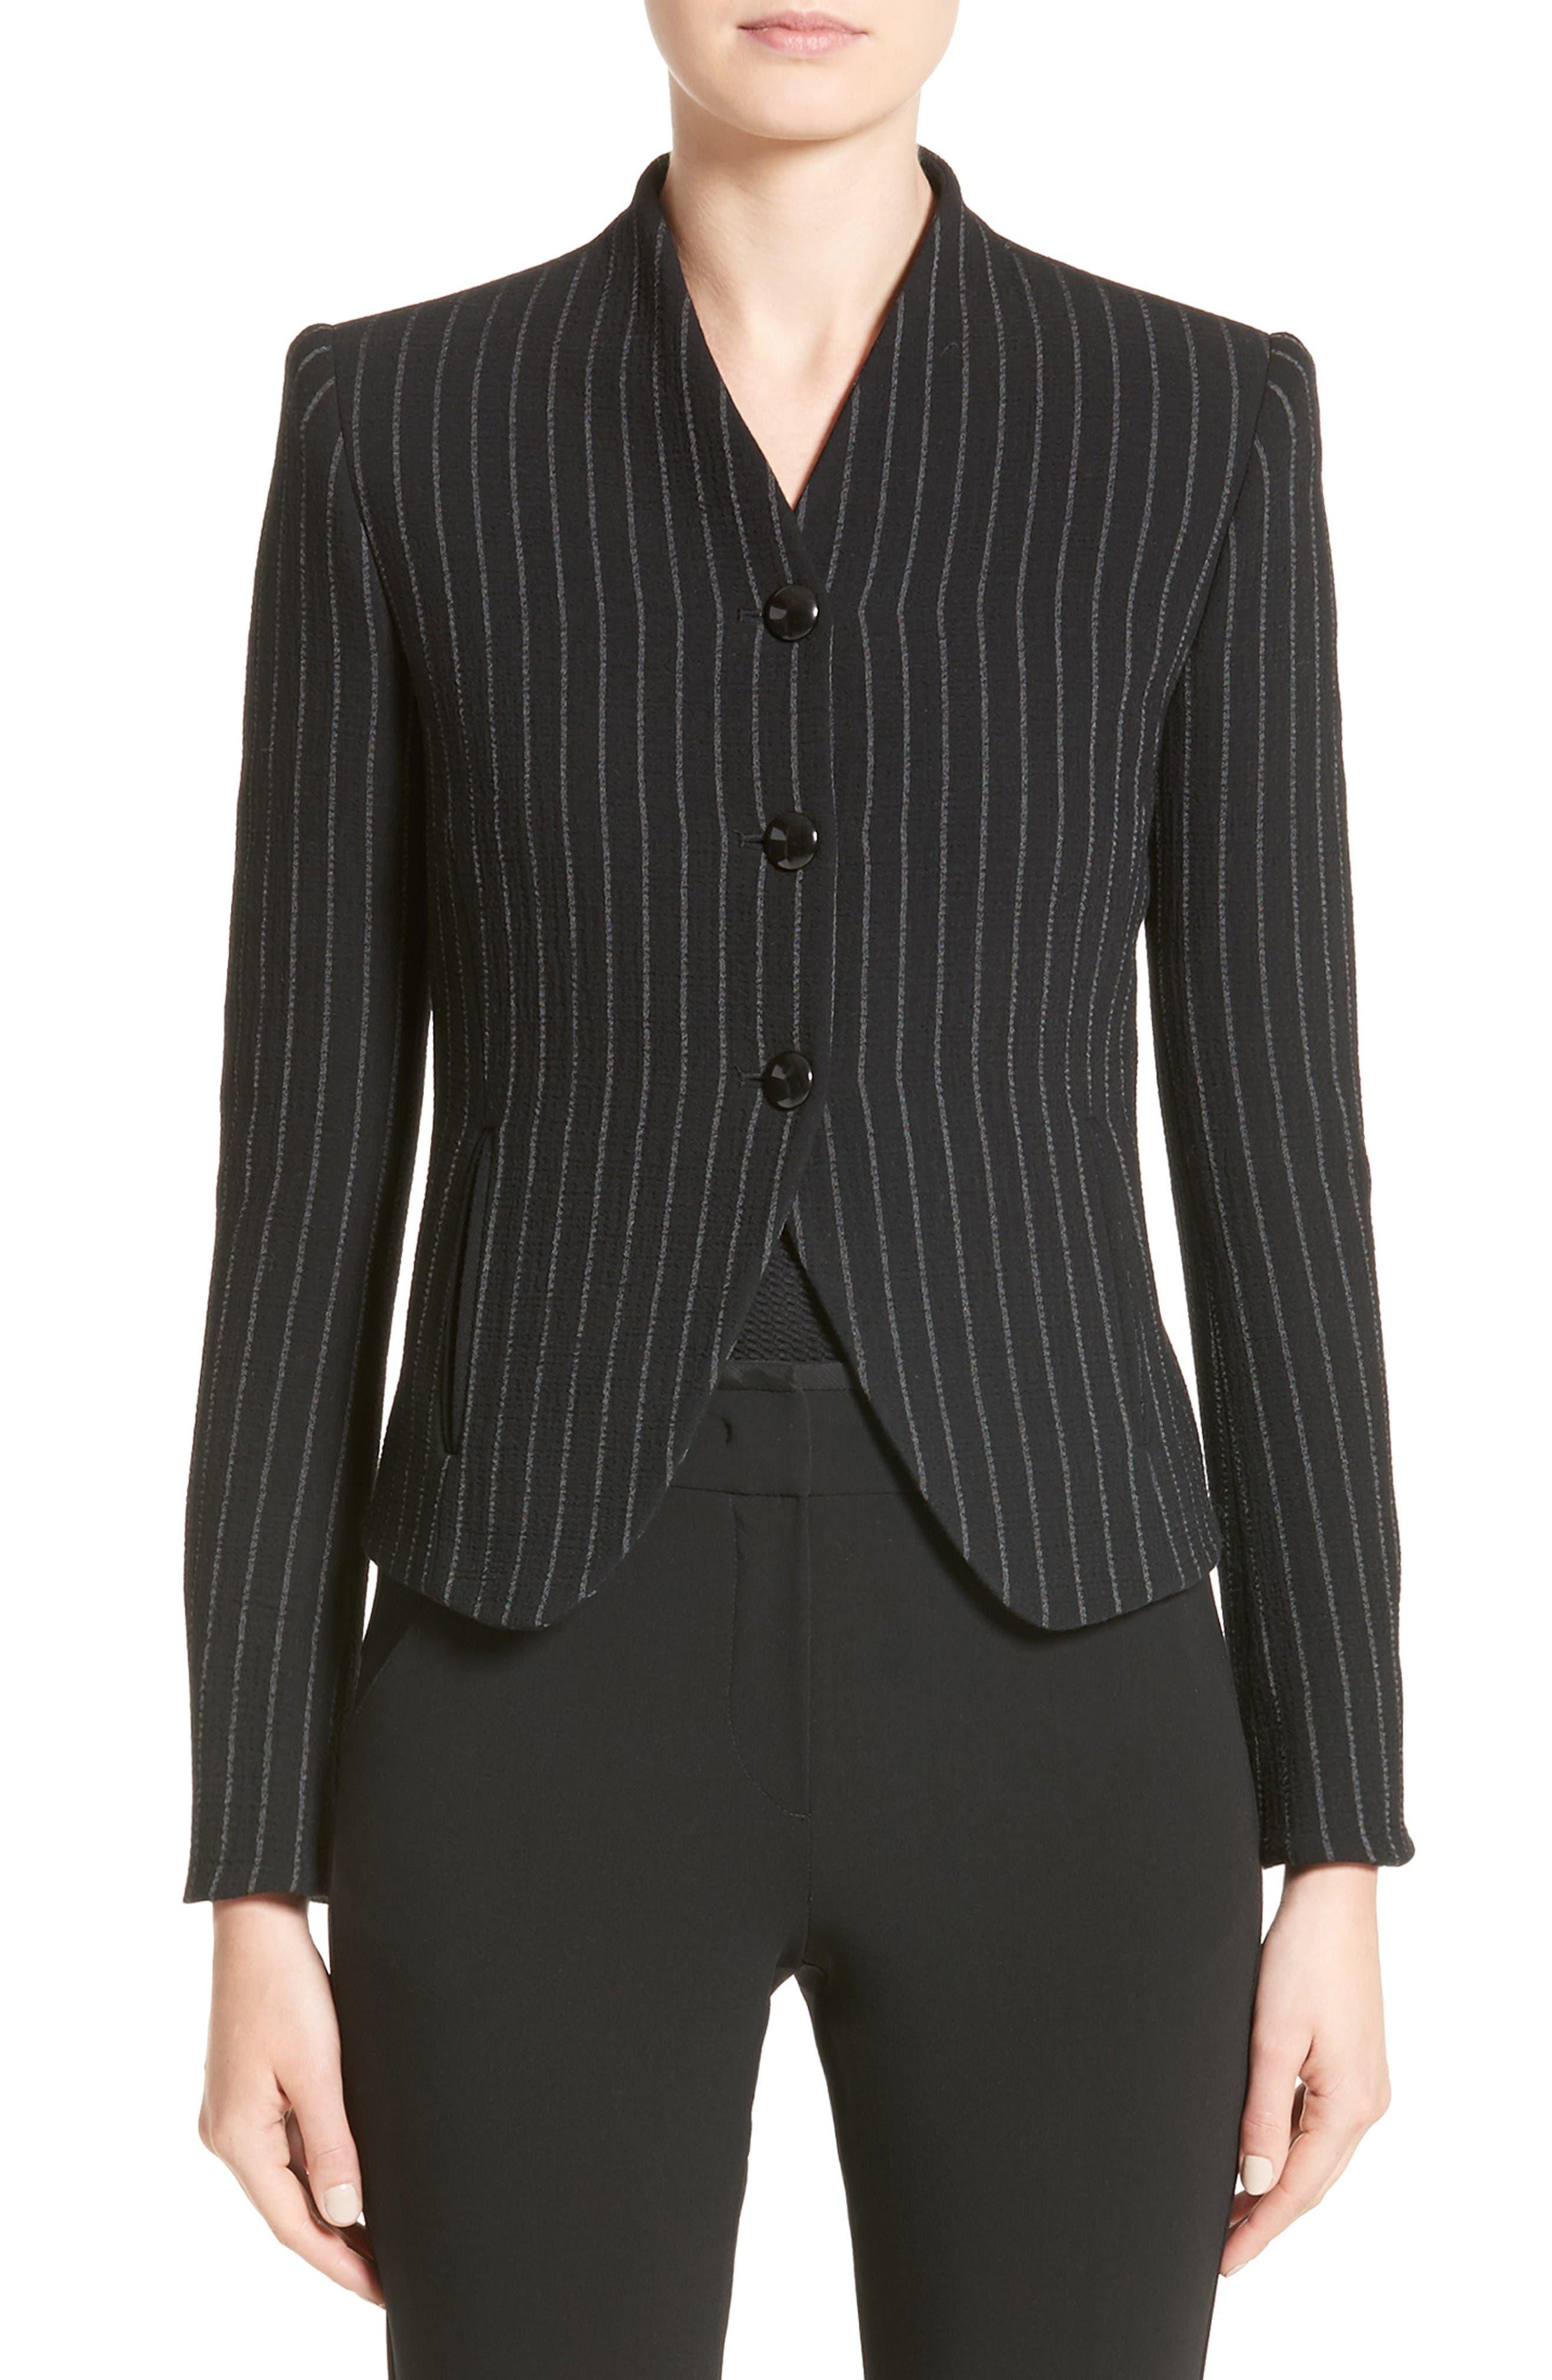 Main Image - Armani Collezioni Stretch Wool Pinstripe Jacket